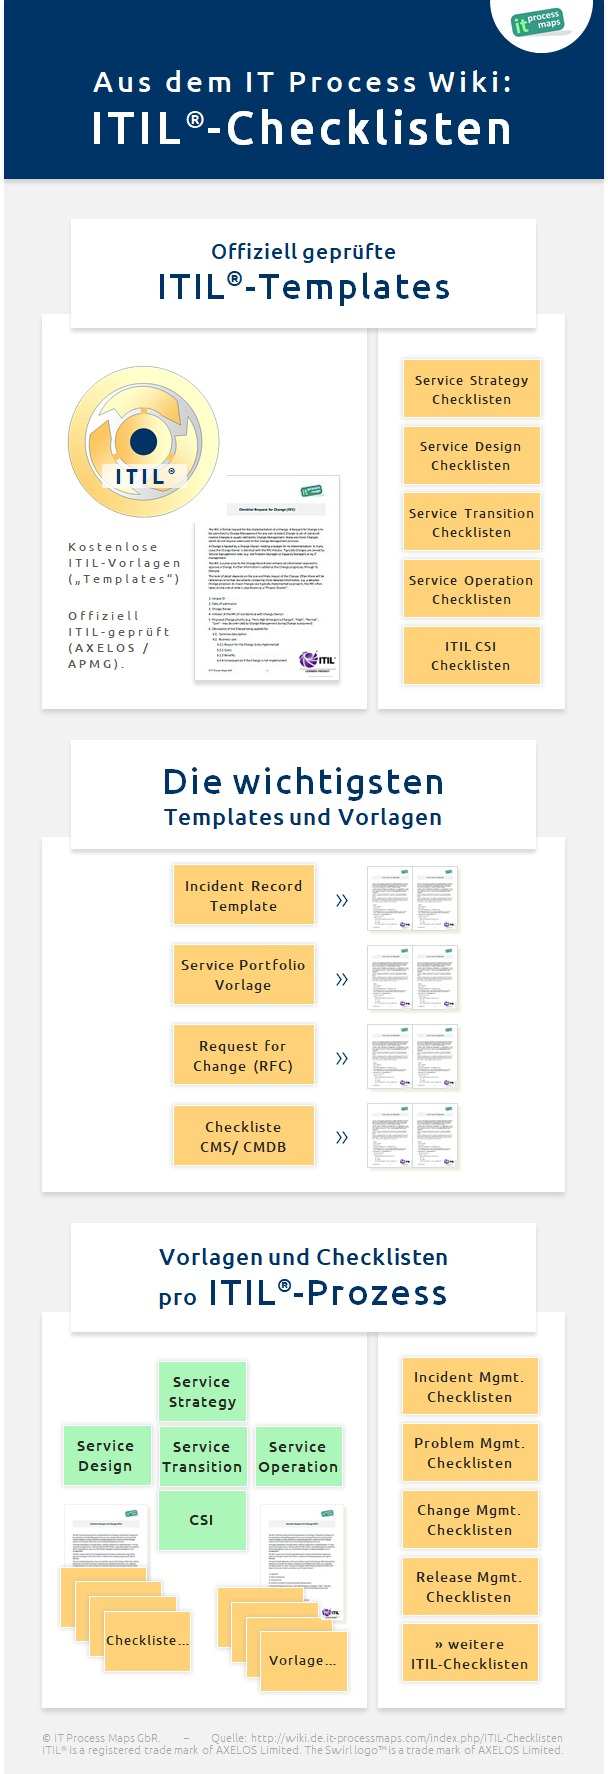 Infografok aus dem IT Process Wiki: ITIL Templates und Checklisten - offiziell ITIL-geprüft.